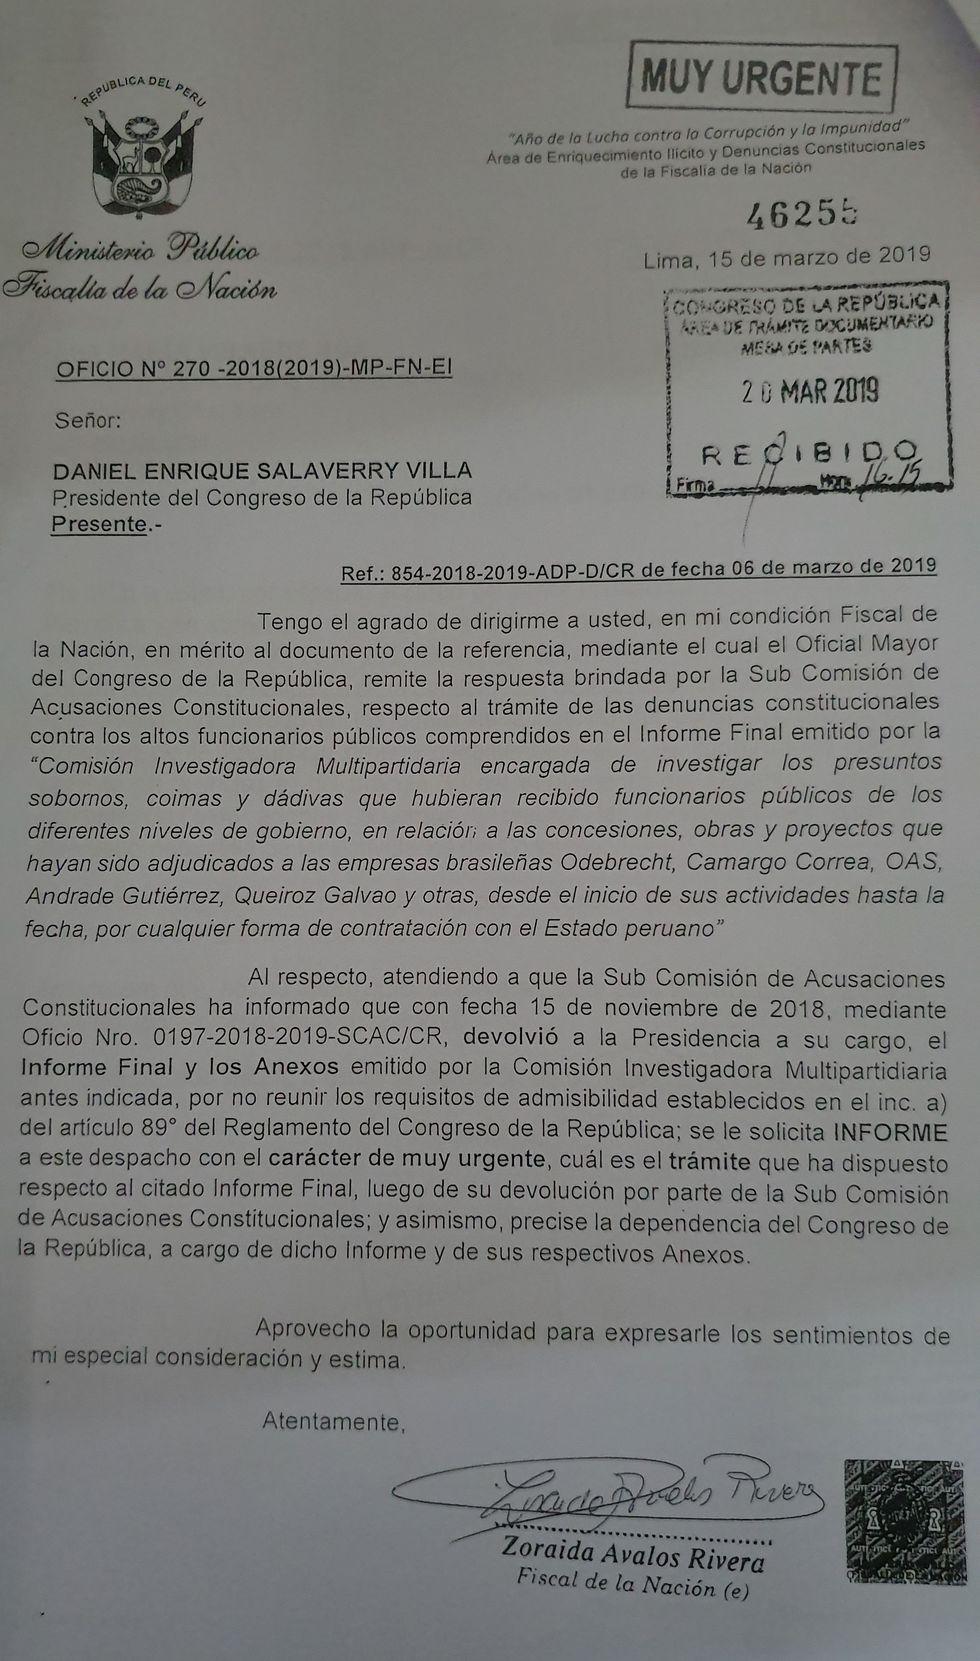 """Fiscalía de la Nación pide informes con carácter de """"muy urgente""""."""